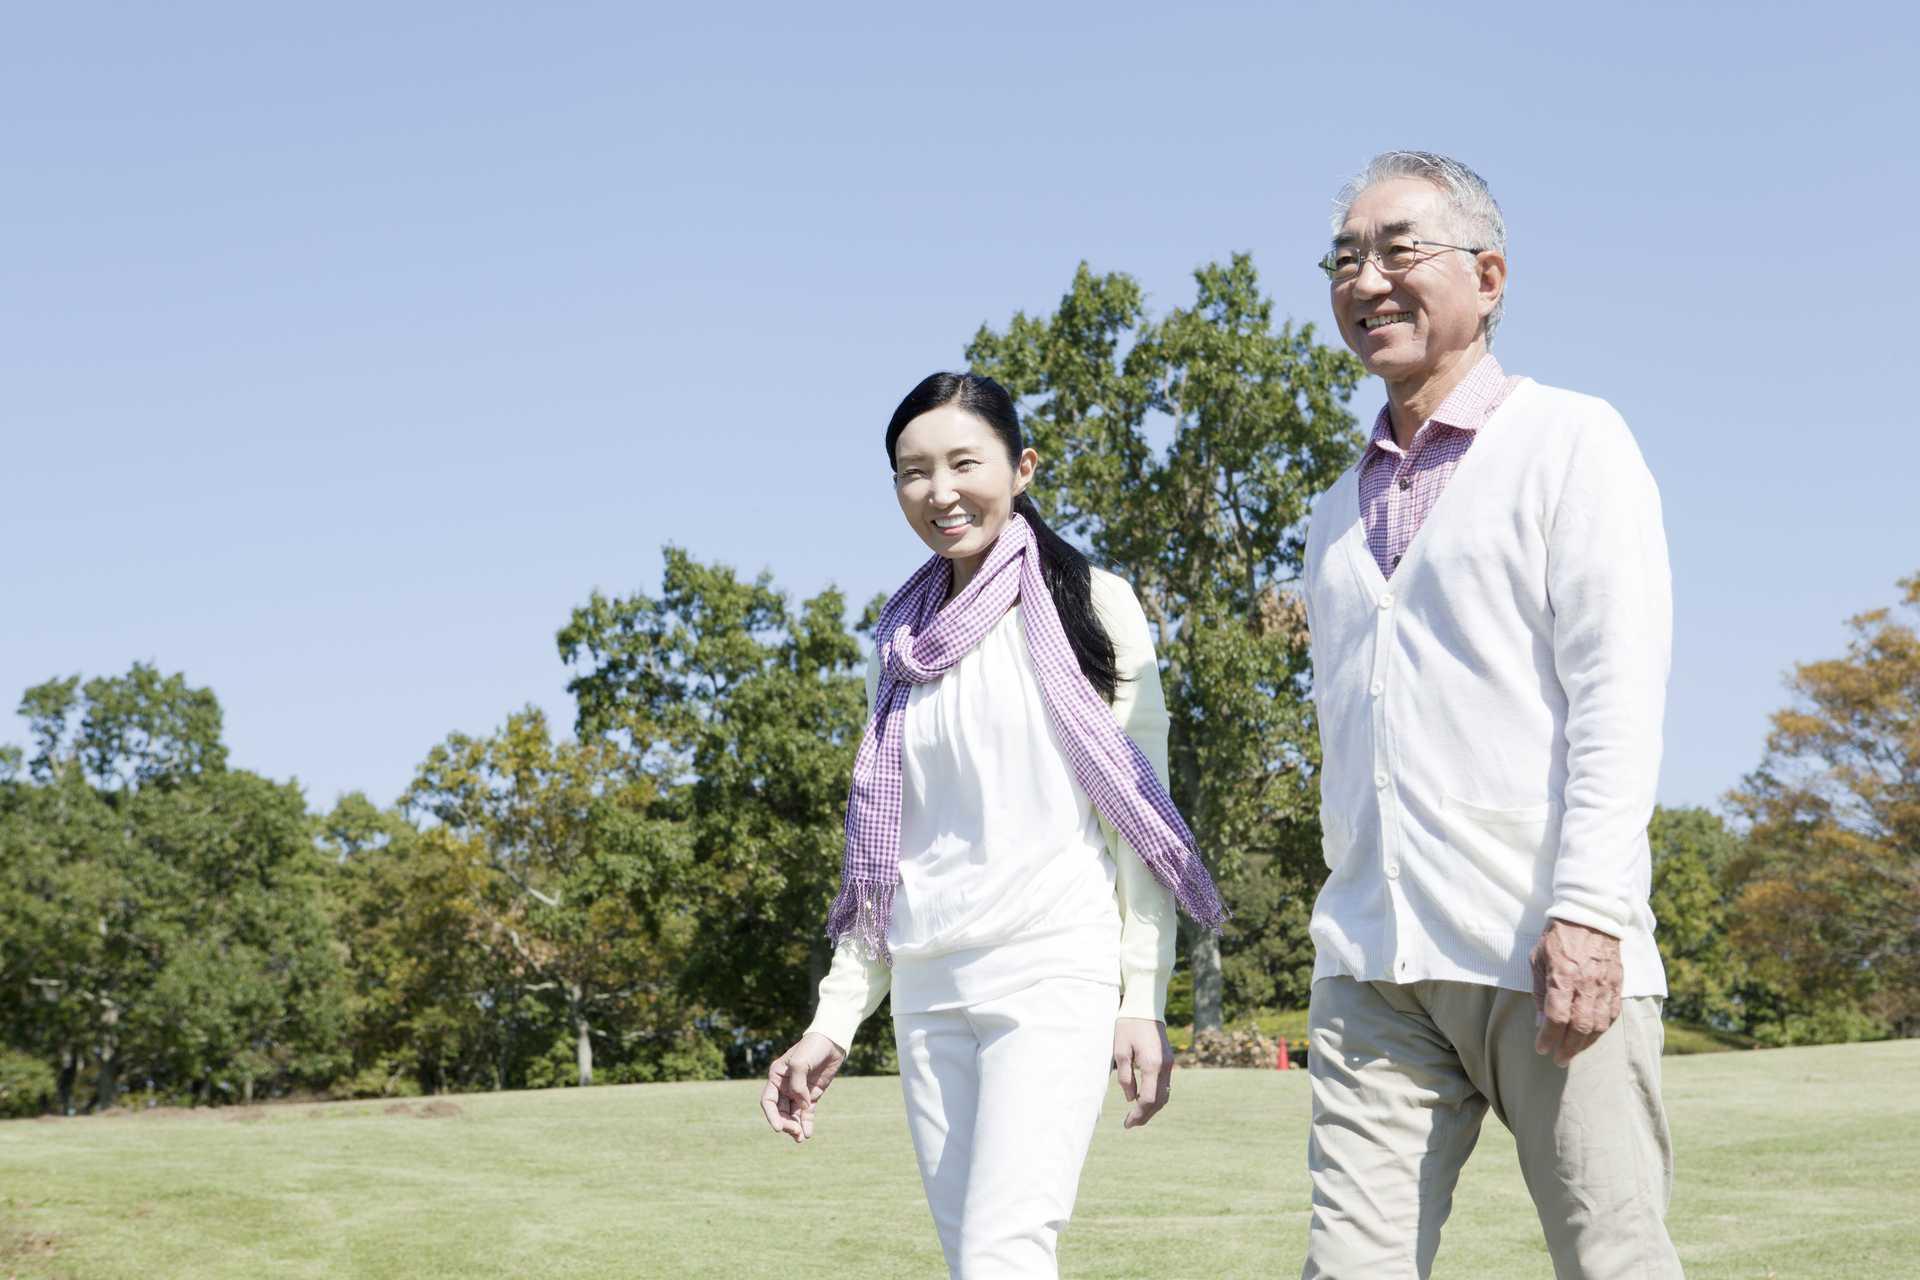 気分転換には、コーヒーより散歩のほうが効果的。 | 健康のためになる30の散歩術